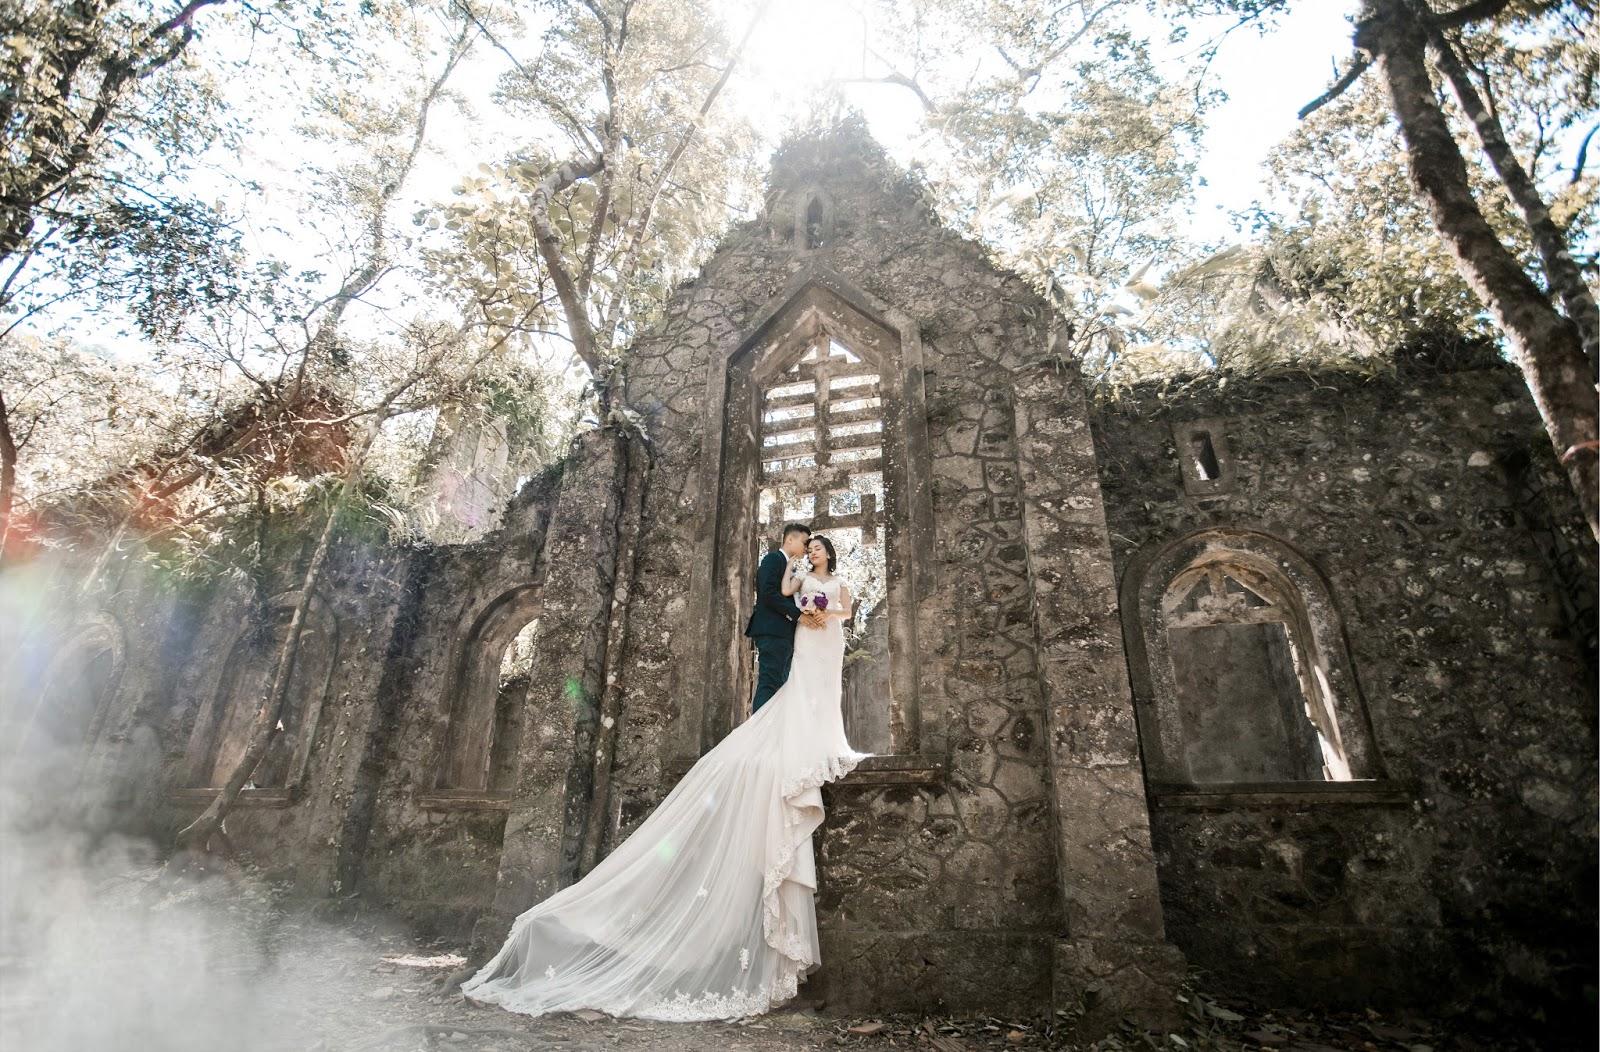 Địa điểm chụp ảnh cưới đẹp 2017: Album ảnh cưới tại Ba Vì